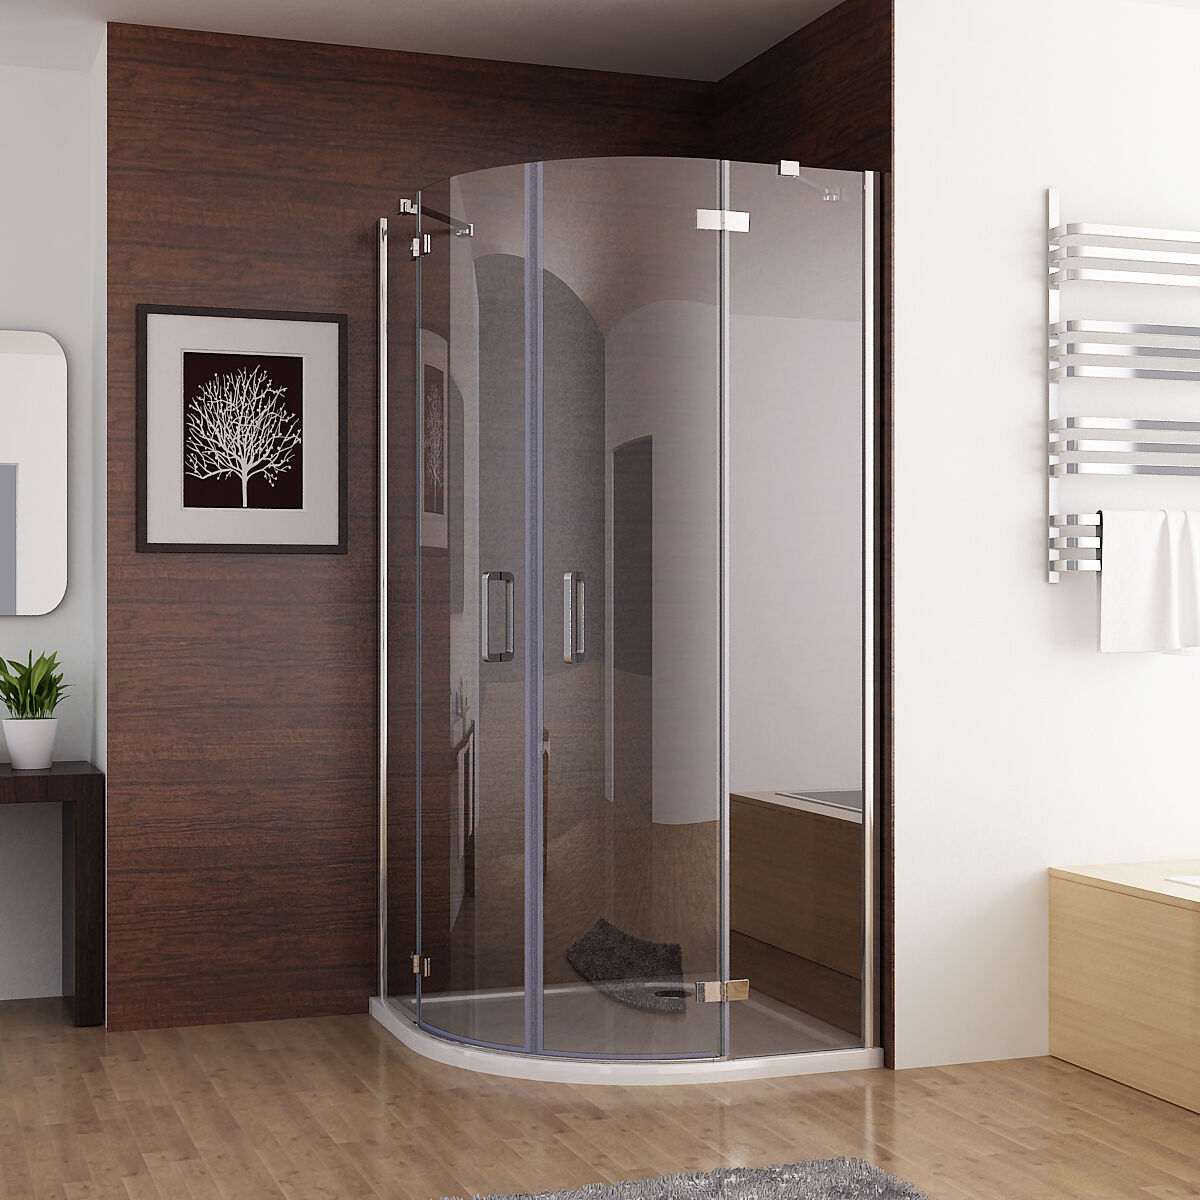 duschkabine runddusche duschabtrennung dusche echtglas viertelkreis 90x90 80x80 ebay. Black Bedroom Furniture Sets. Home Design Ideas